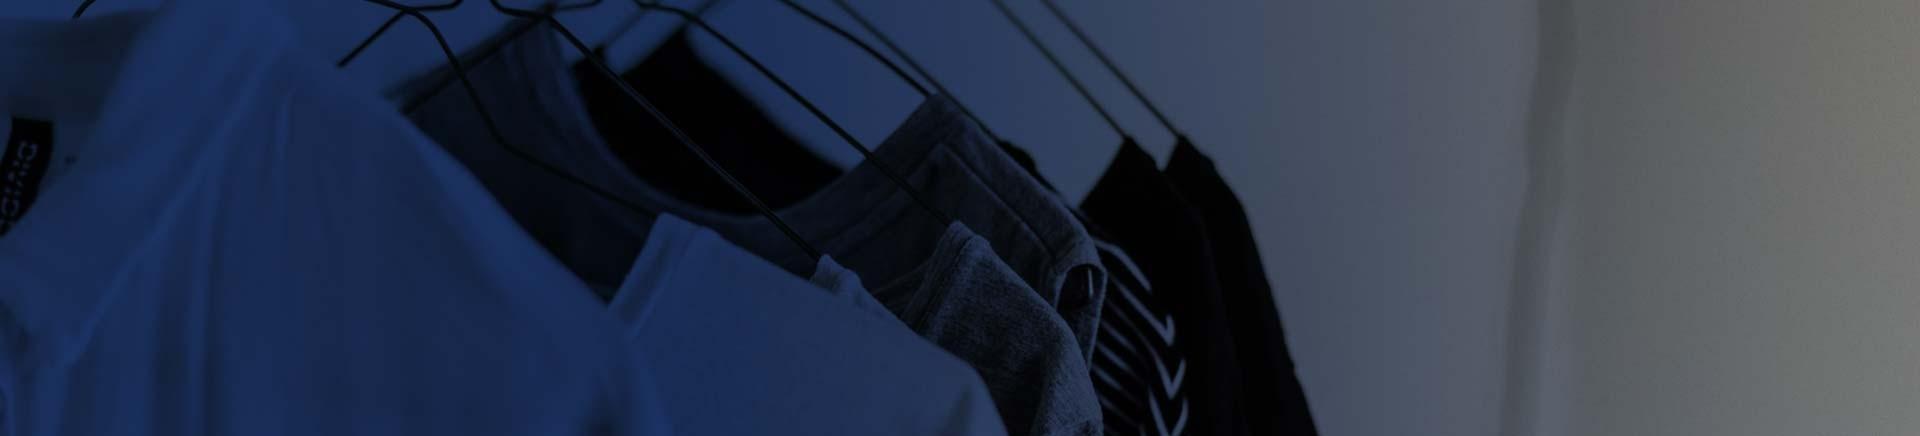 Woll- & Mantelstoffe online kaufen | JAVRO Stoffmarkt